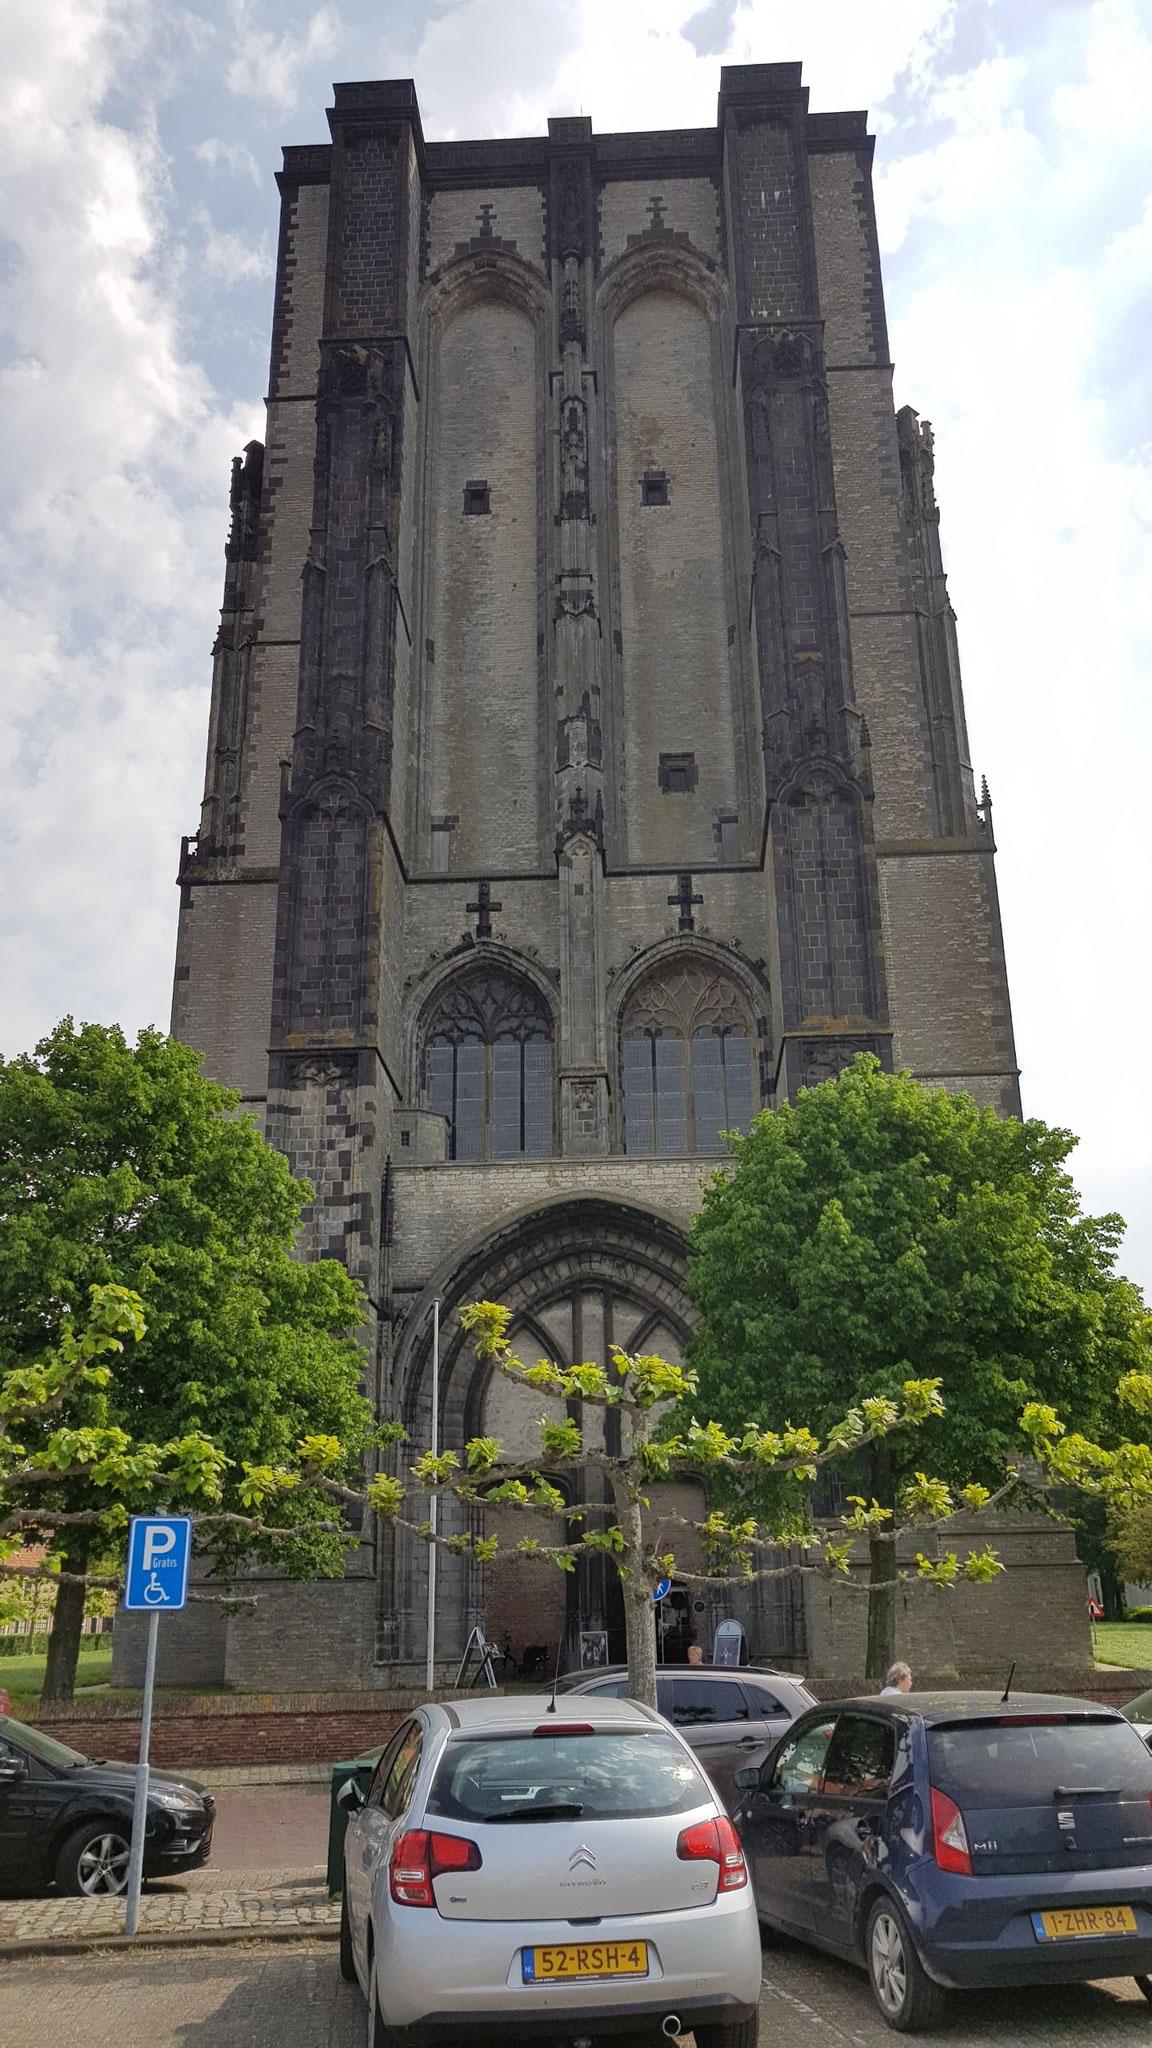 Dikke Toren (Dicker Turm)